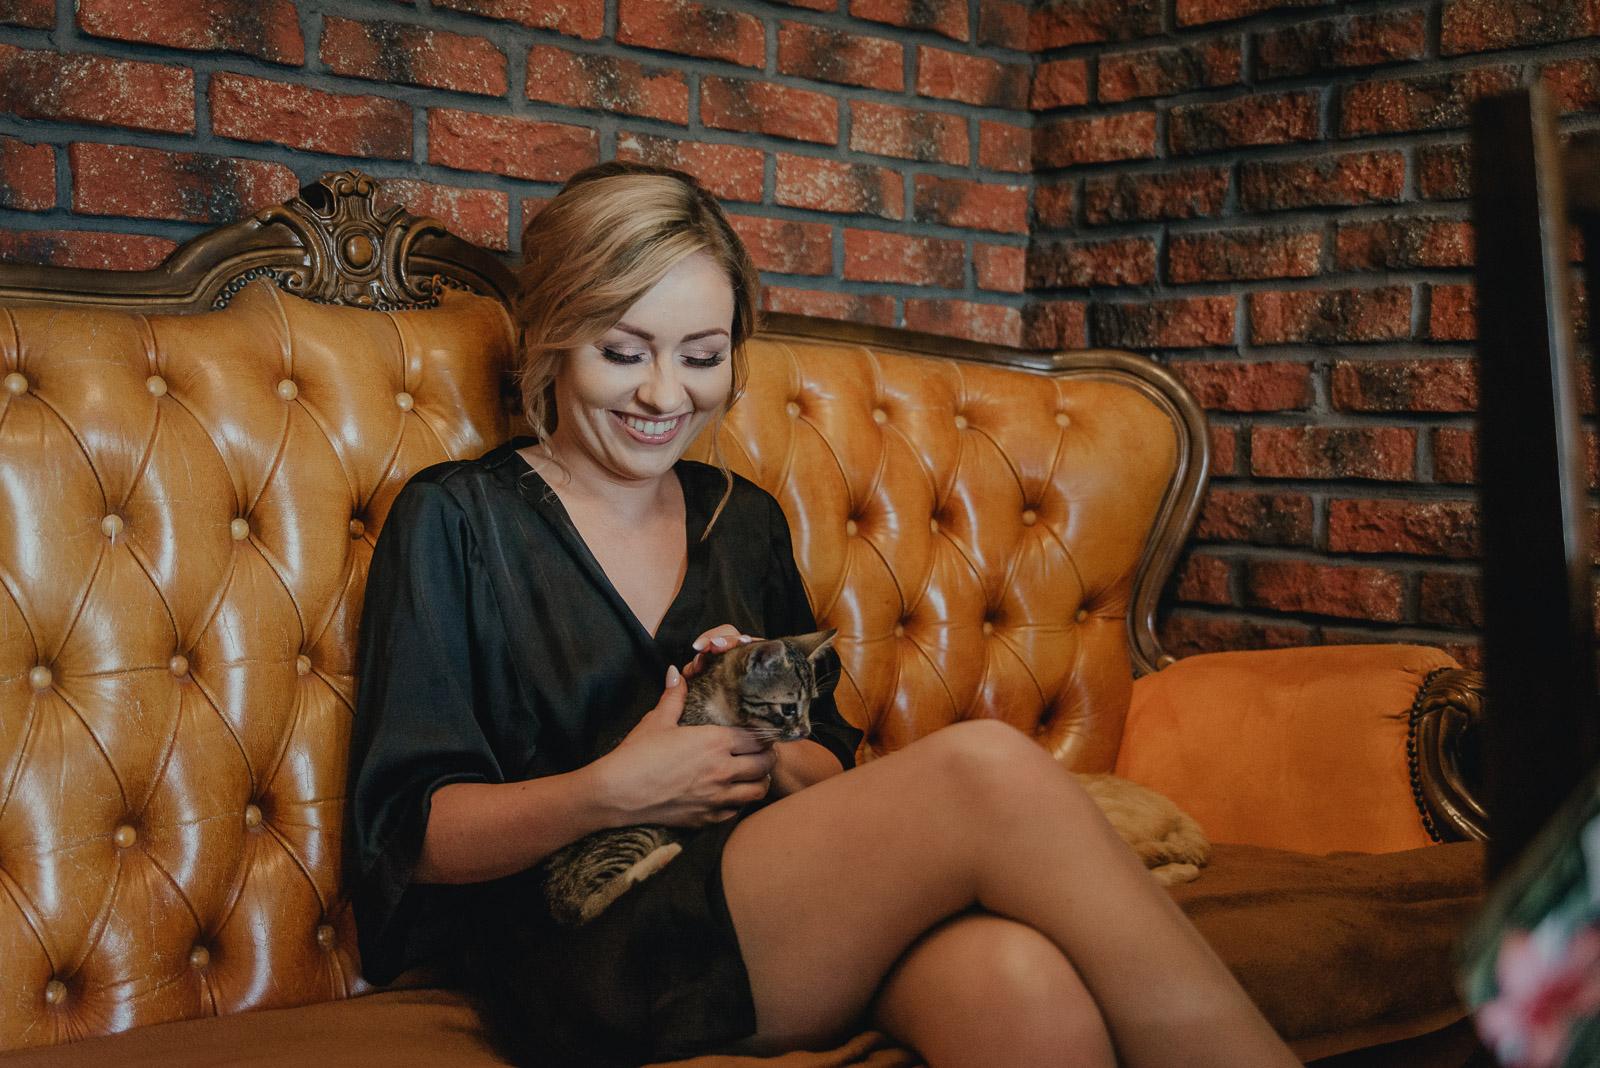 Duet Fotografów Ślubnych Warszawa Fotograf Ślubny Wrocław Fotograf naWesele Pałac Nogalin Fotograf Ślubny Łuków Duet Fotografów Lublin zdjęcia ślubne Warszawa Duet Fotografów Ślubnych Wrocław kot naślubie